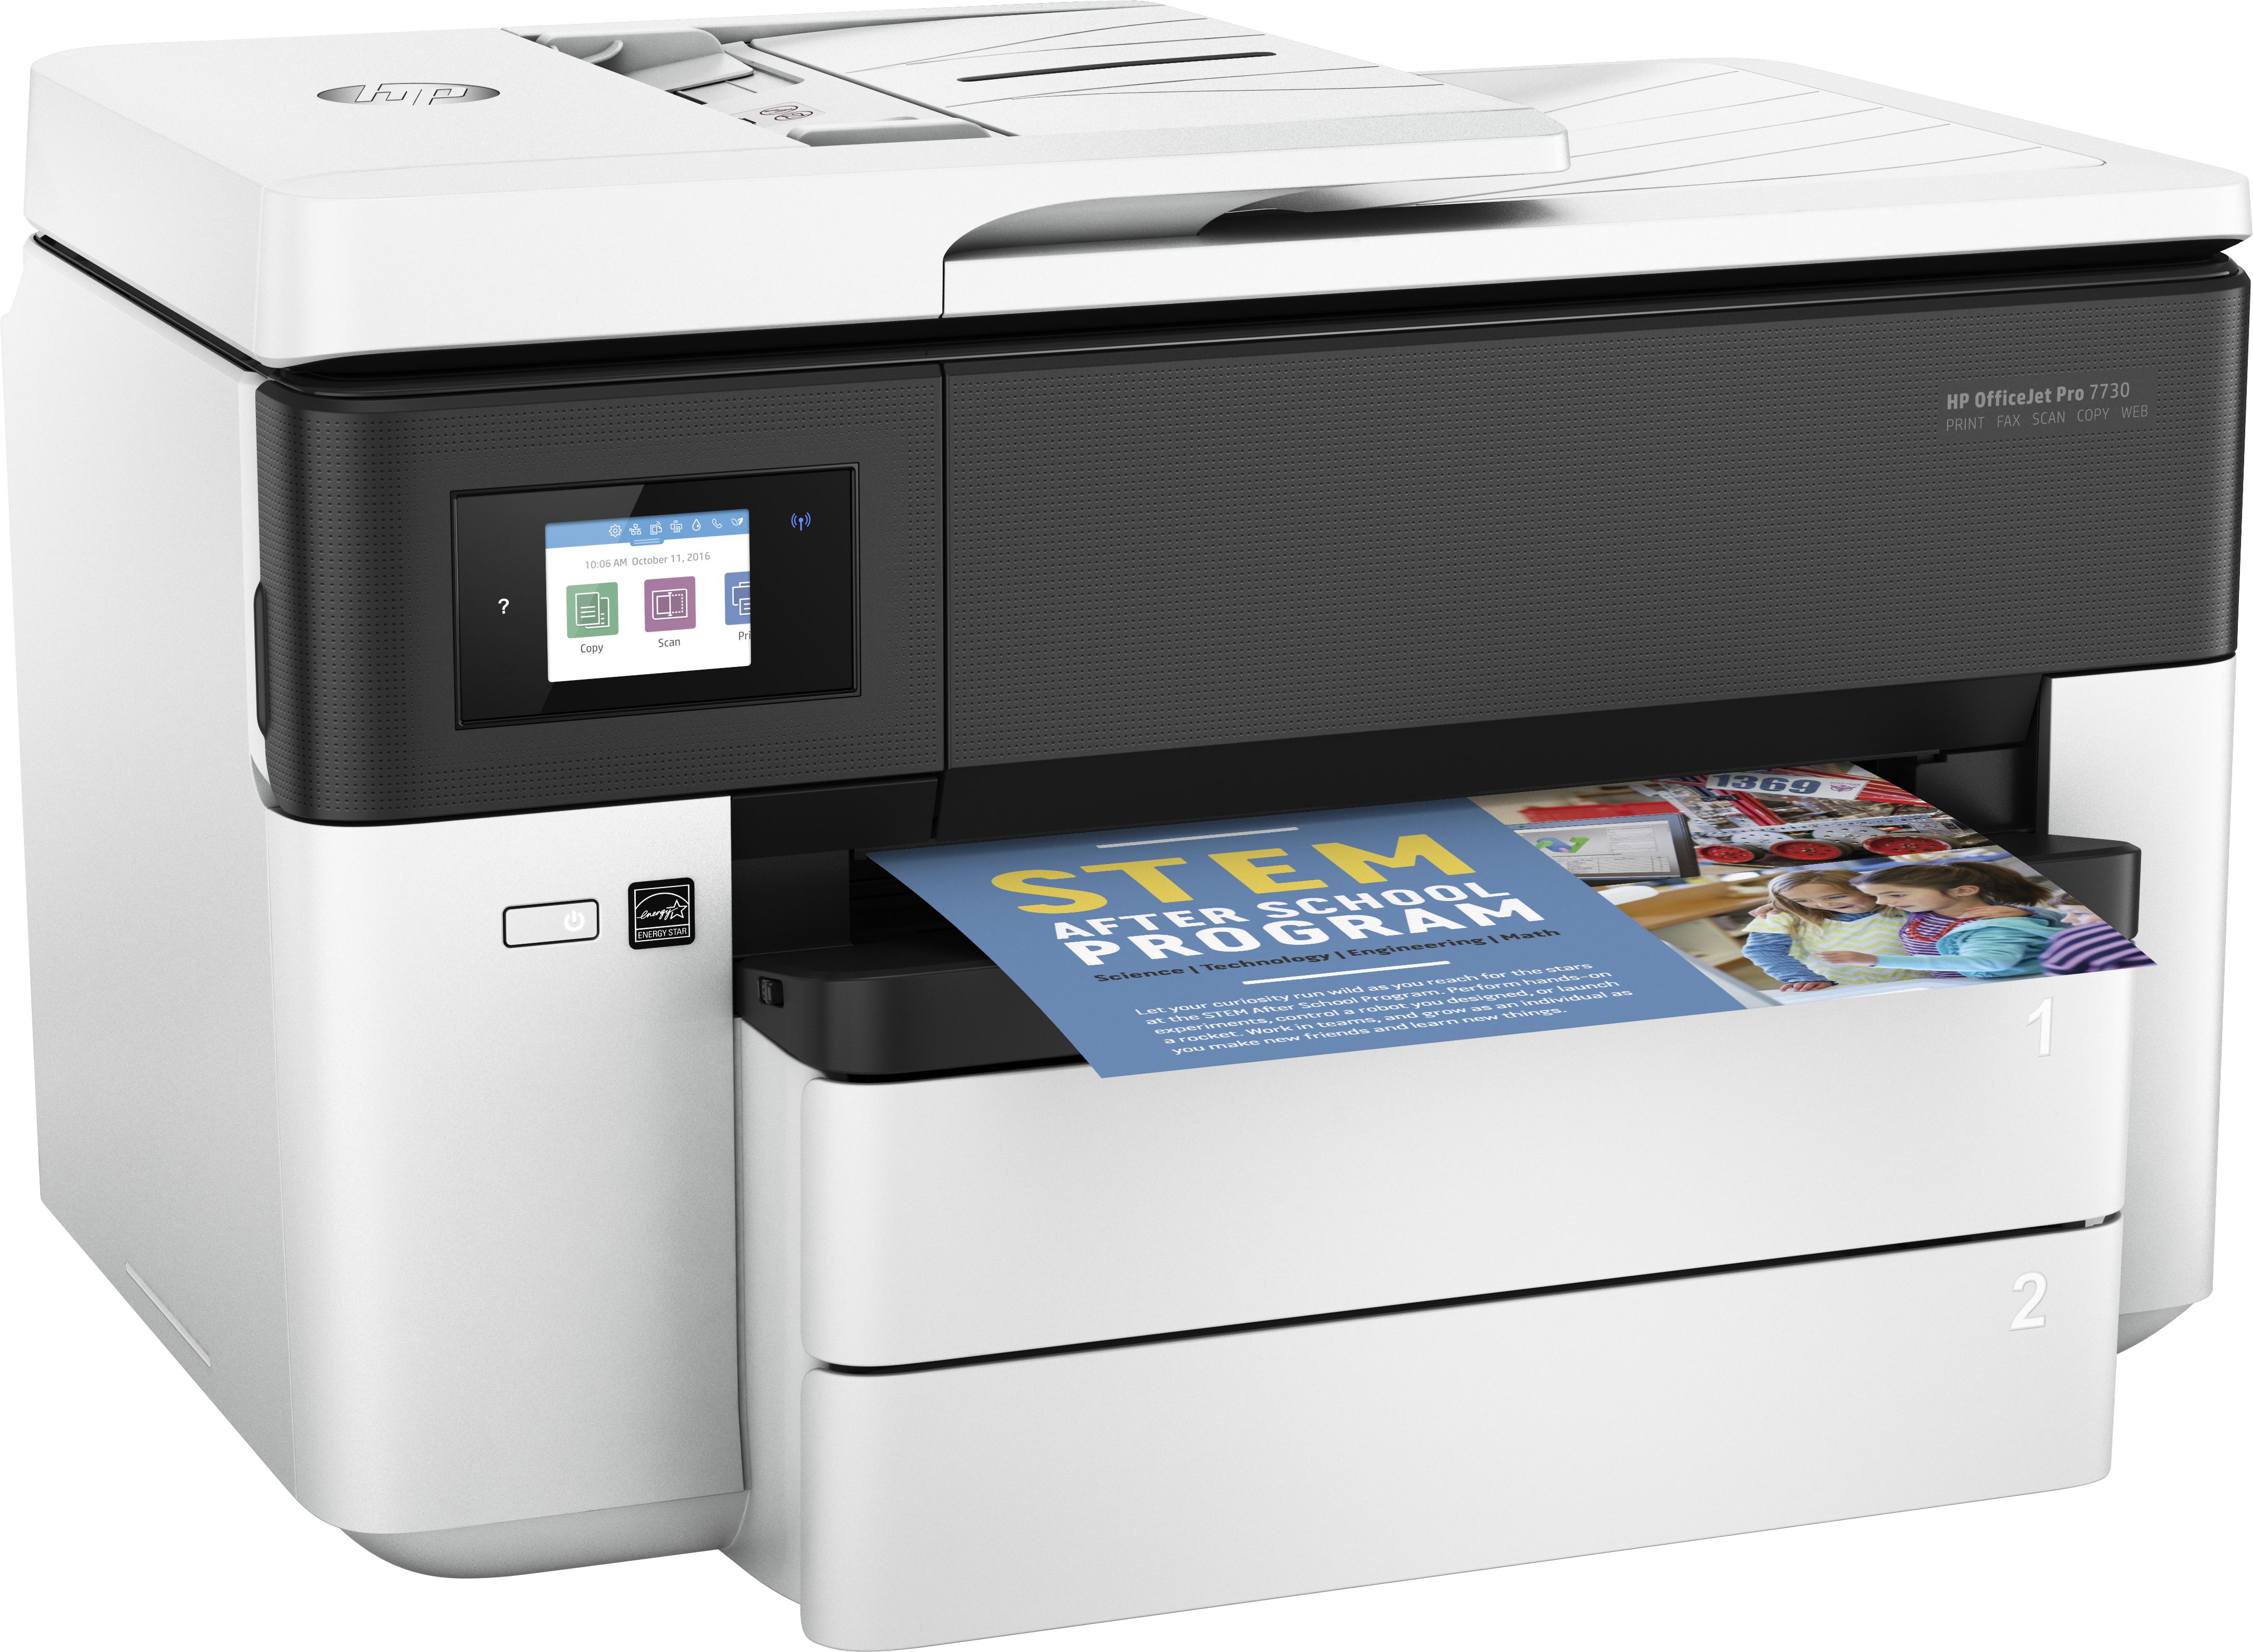 Officejet Pro 7730 Wide Format All-in-One multifunction printer (kleur, A3, 34 ppm, USB 2.0, LAN, Wi-Fi)